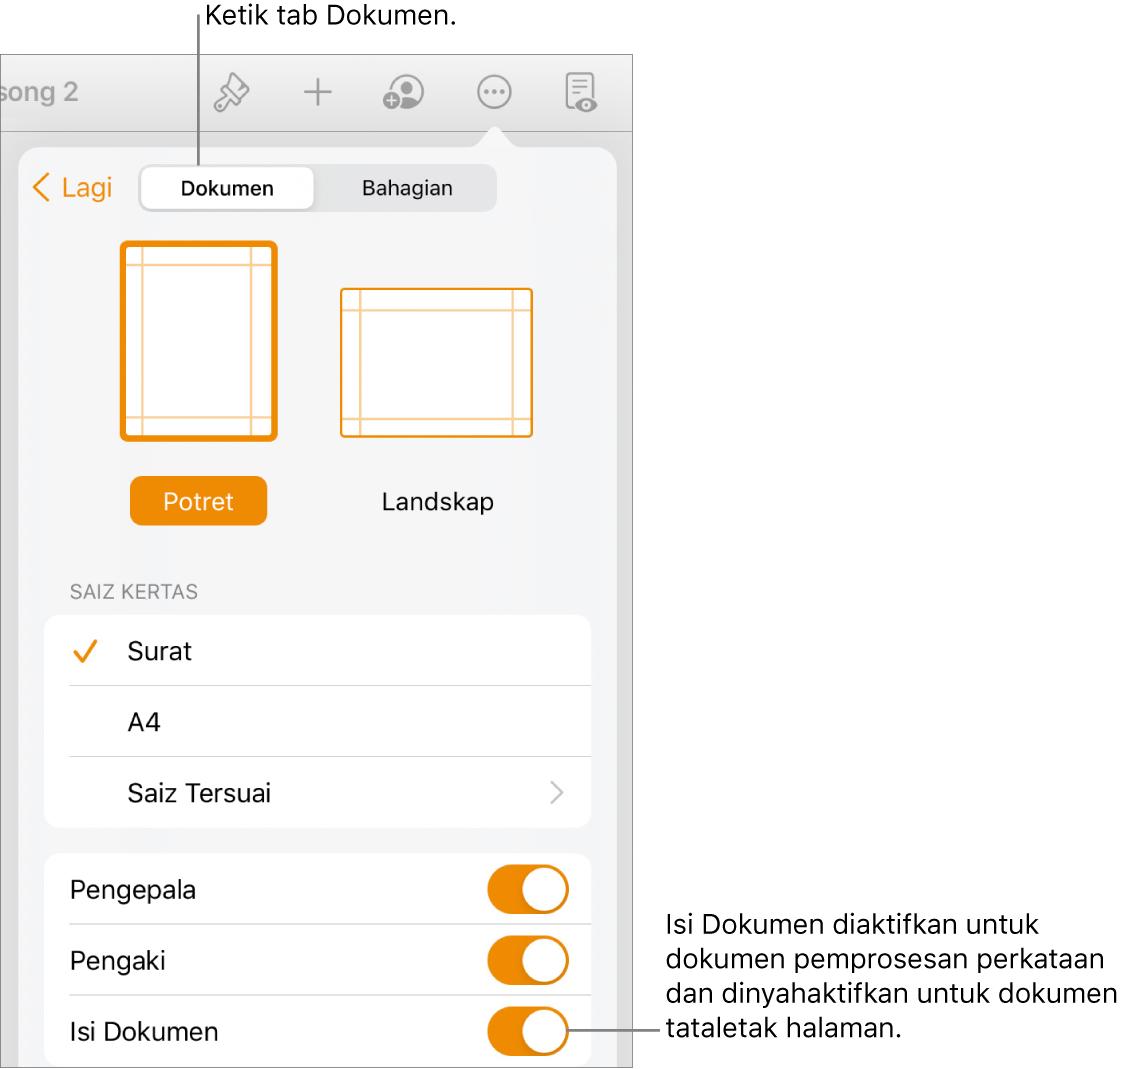 Kawalan format Dokumen dengan Isi Dokumen diaktifkan berhampiran bahagian bawah skrin.